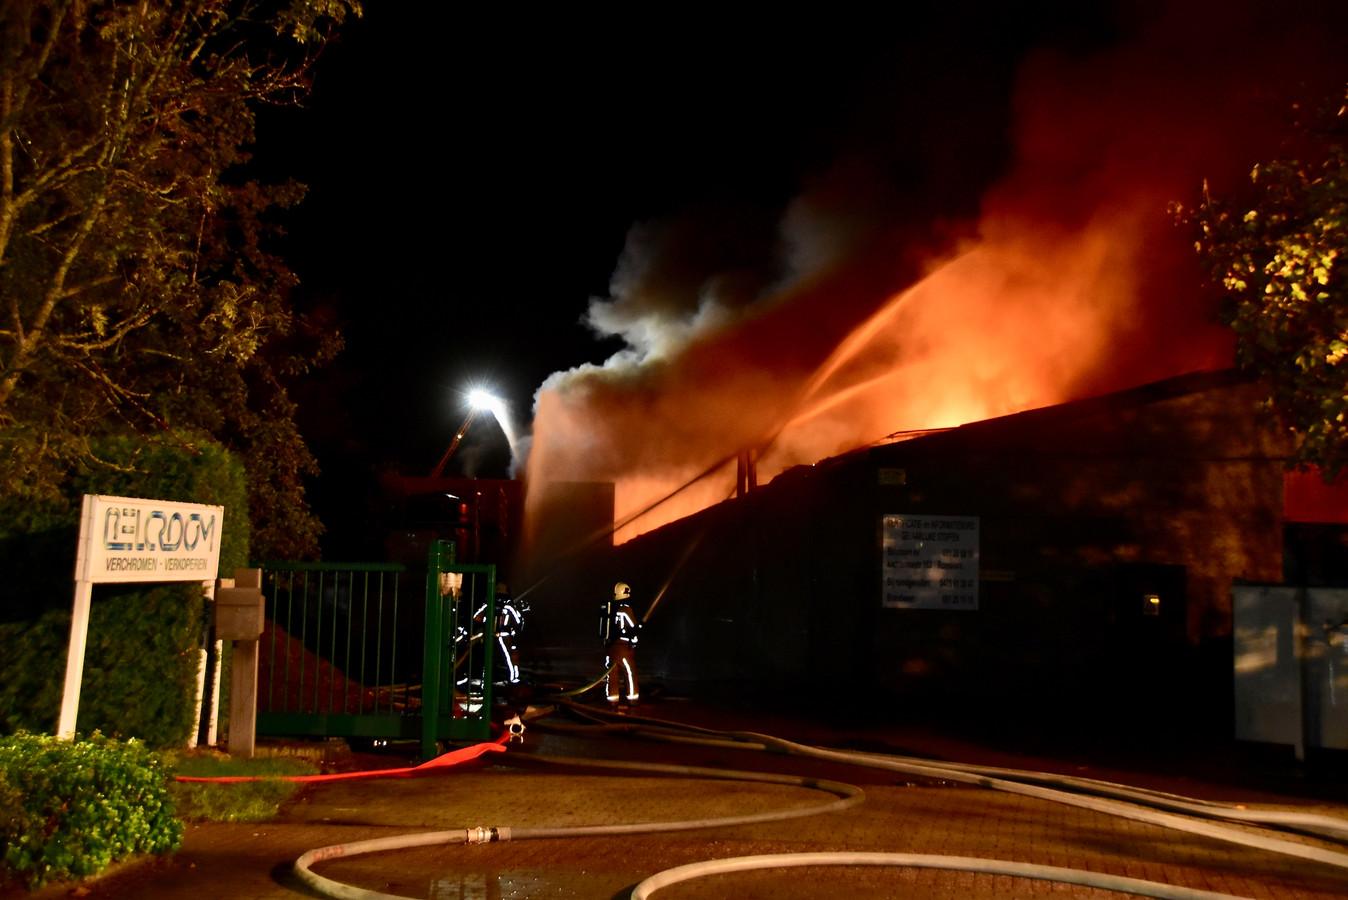 De brand op de industriezone in Roeselare legde het bedrijf Belcroom in de as. Met het bluswater kwam dan wel een grote hoeveelheid chroom 6 in het water van de Mandel terecht. Een uiterst giftig en kankerverwekkend goedje.